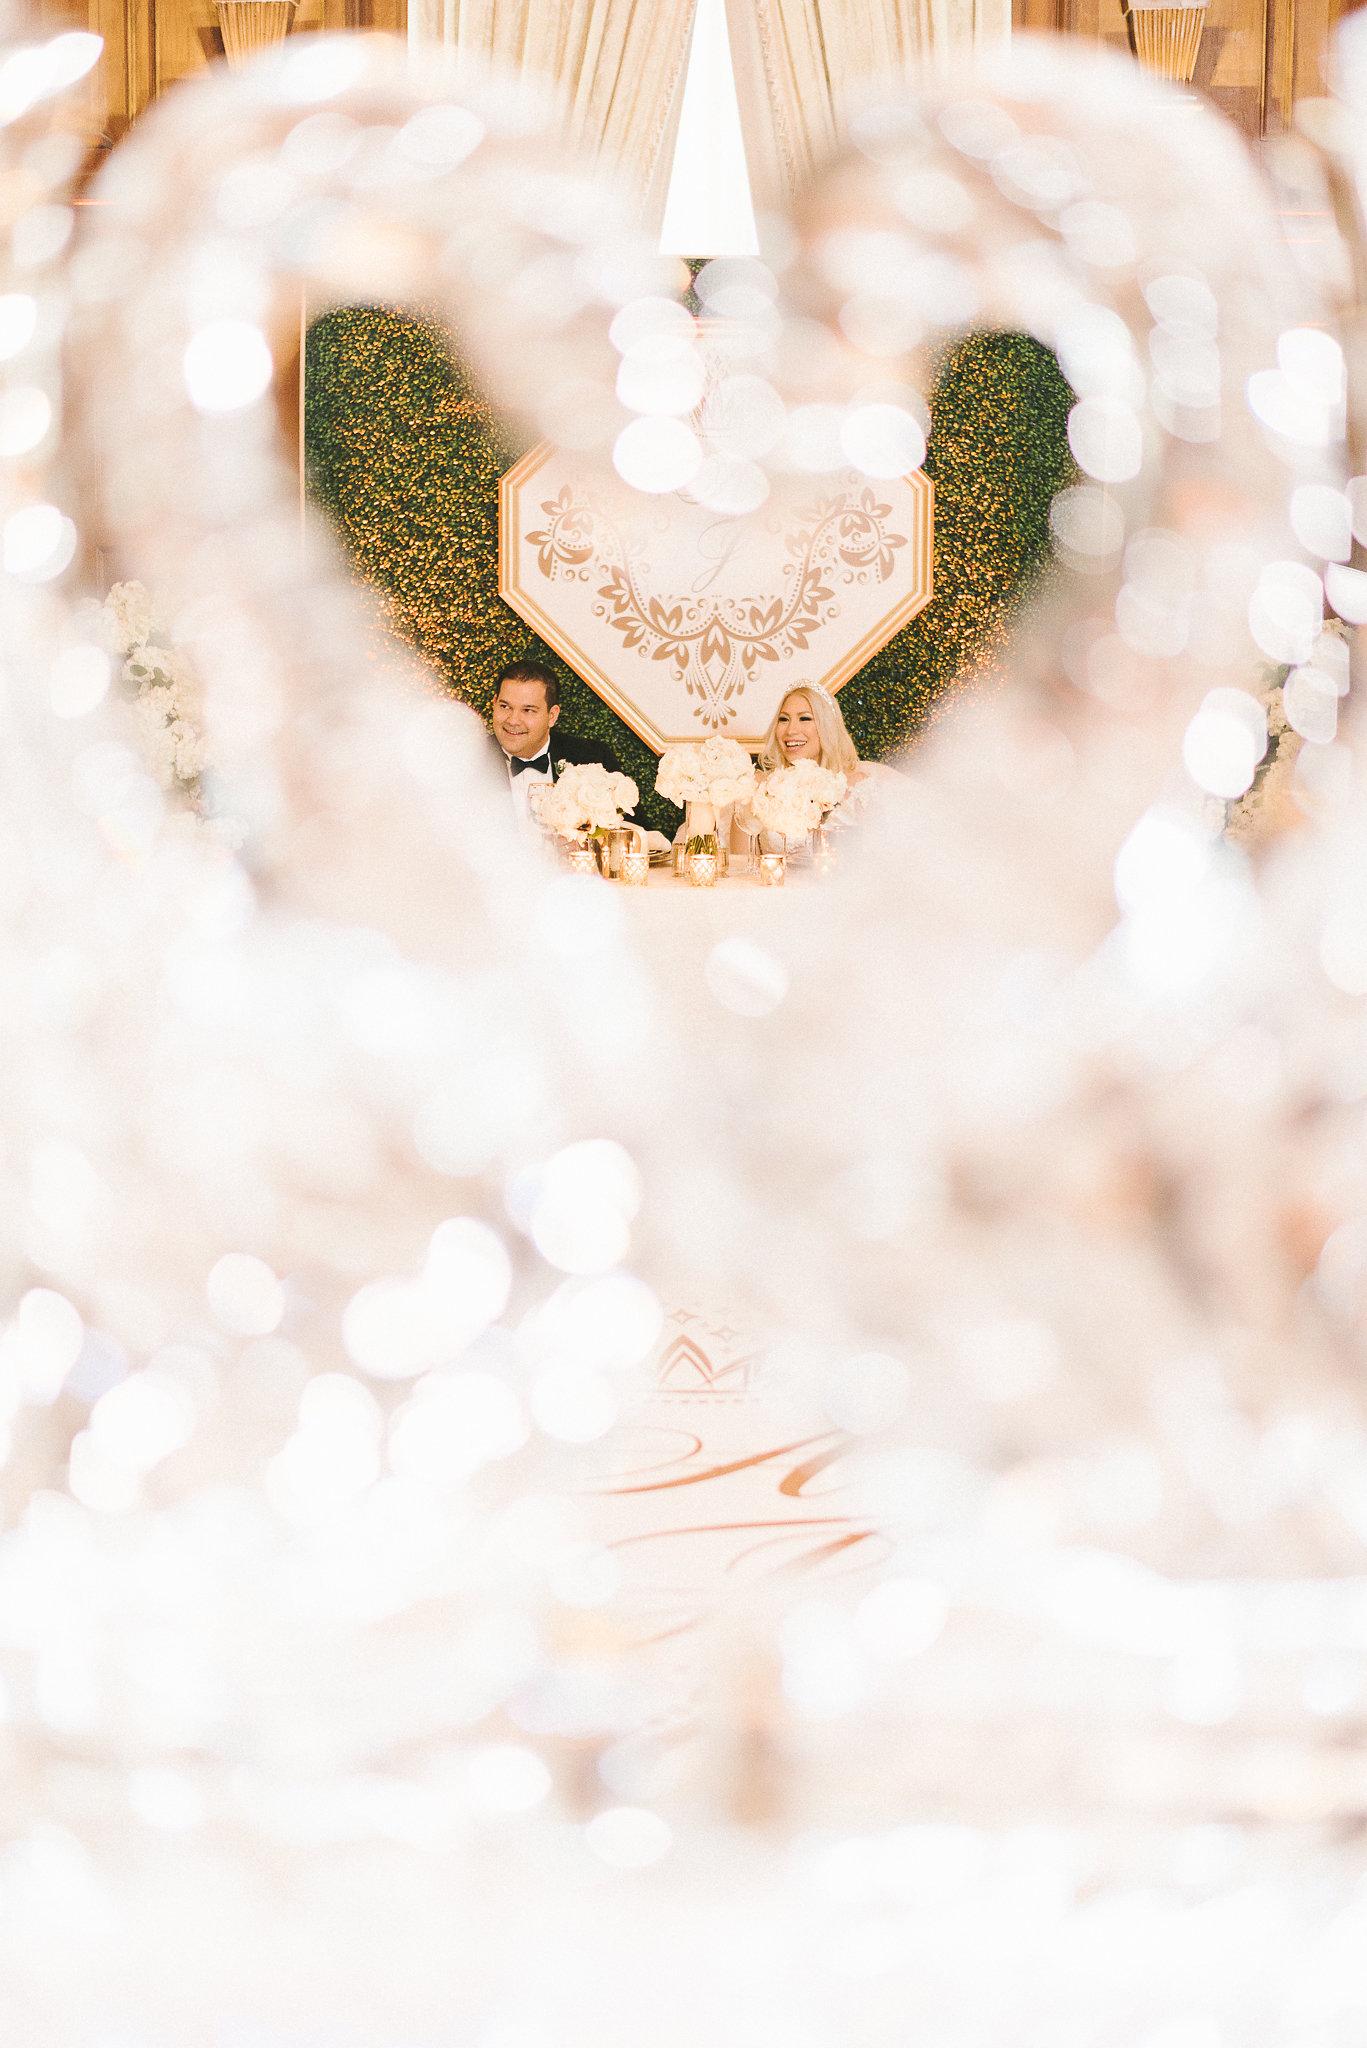 Elizabeth-Fogarty-Wedding-Photography-178.jpg